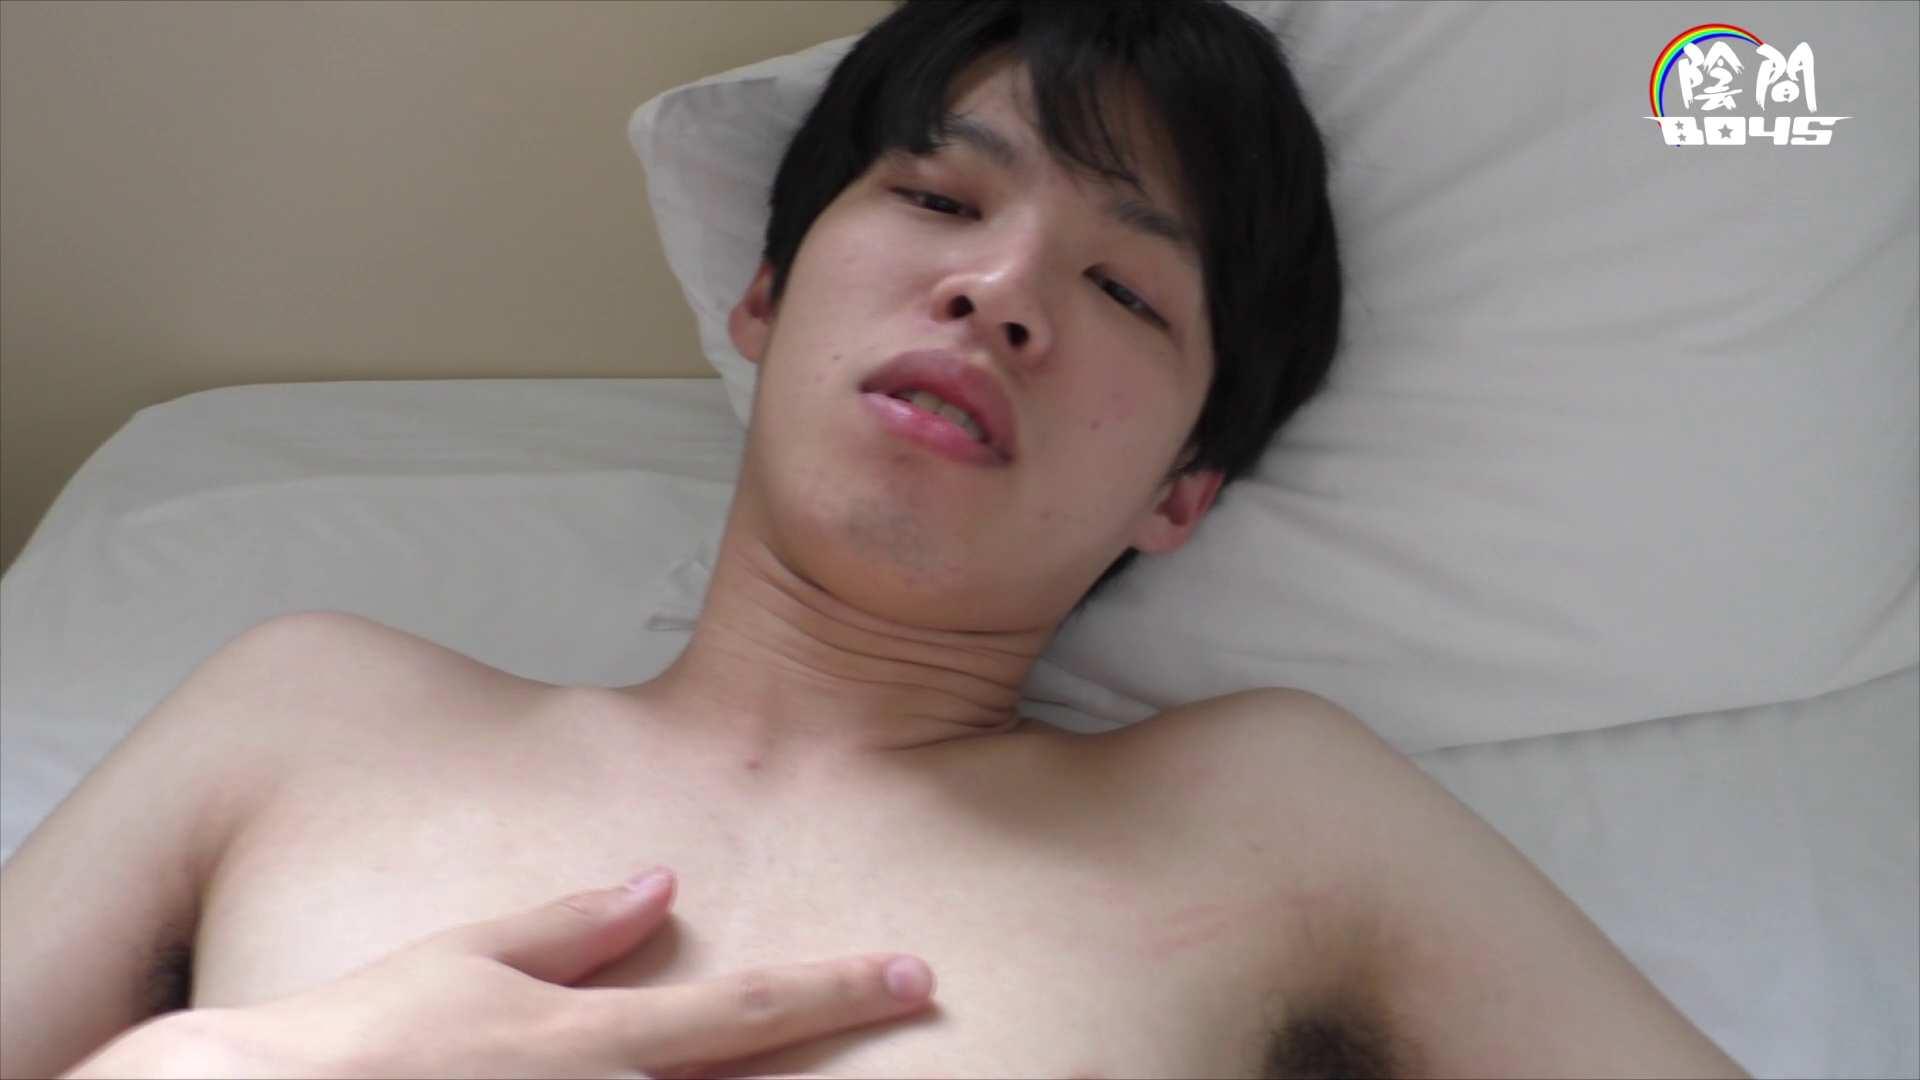 奥まで突かないでpart2 ~デカチンの口とアナルで~Vol.08 お尻の穴 ゲイセックス画像 82pic 4